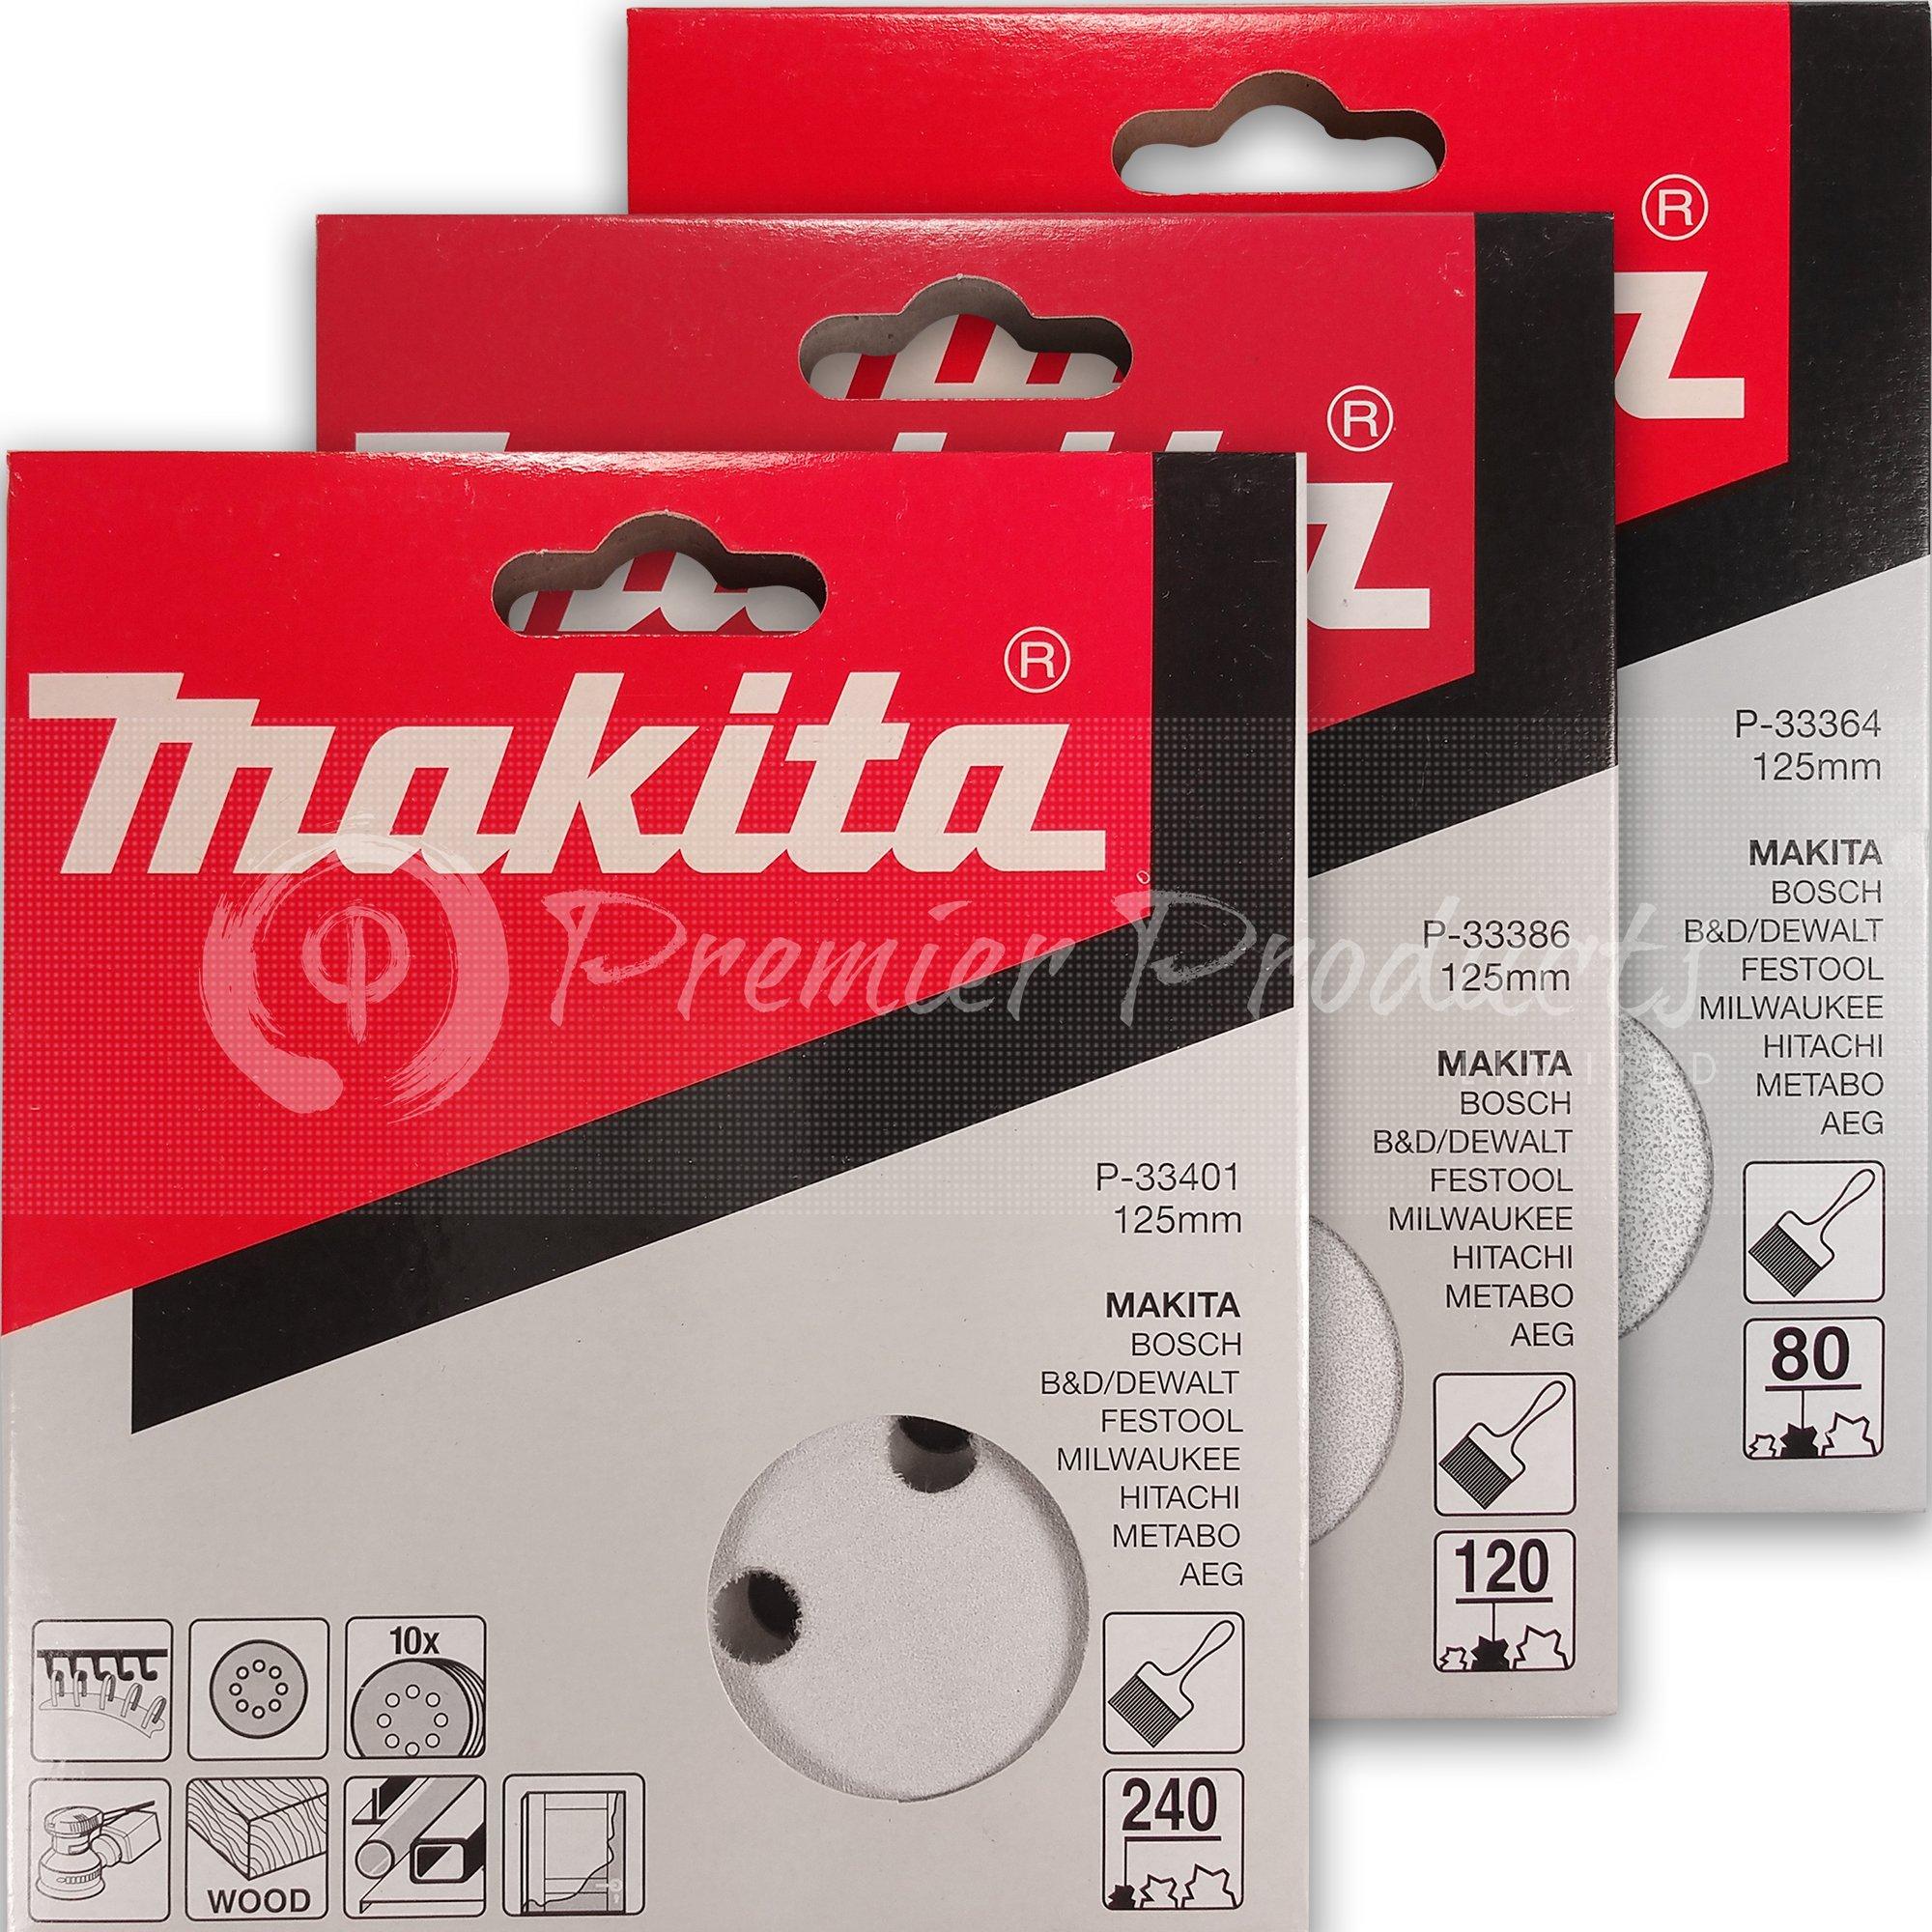 Makita 30 Piece - Multi Grit Sanding Disc Set For 5 Inch Random Orbit Sanders - For Wood, Metal & Plastic - 80, 120 & 240 Grit 8 Hole Hook-And-Loop Sandpaper by Makita (Image #1)